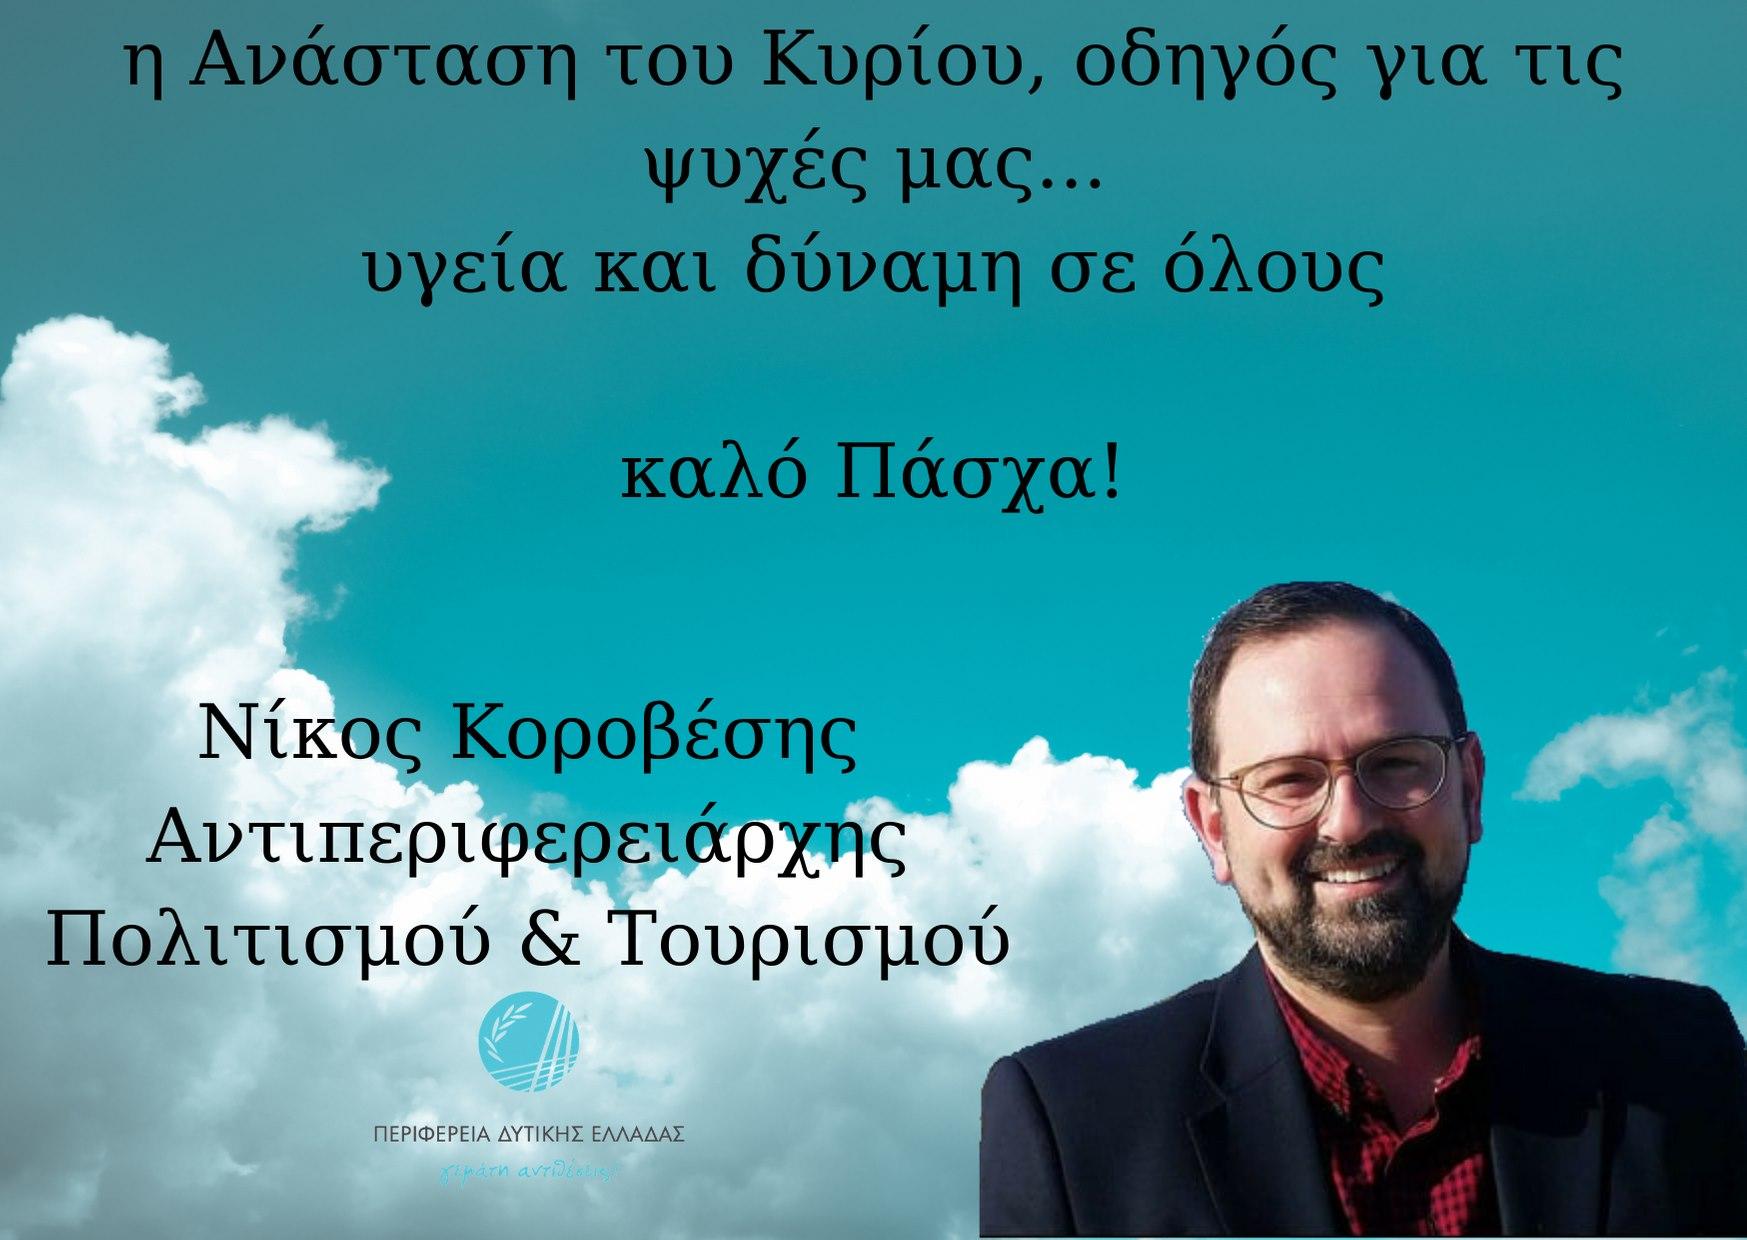 Ευχές για το Πάσχα του Αντιπεριφερειάρχη Νίκου Κοροβέση